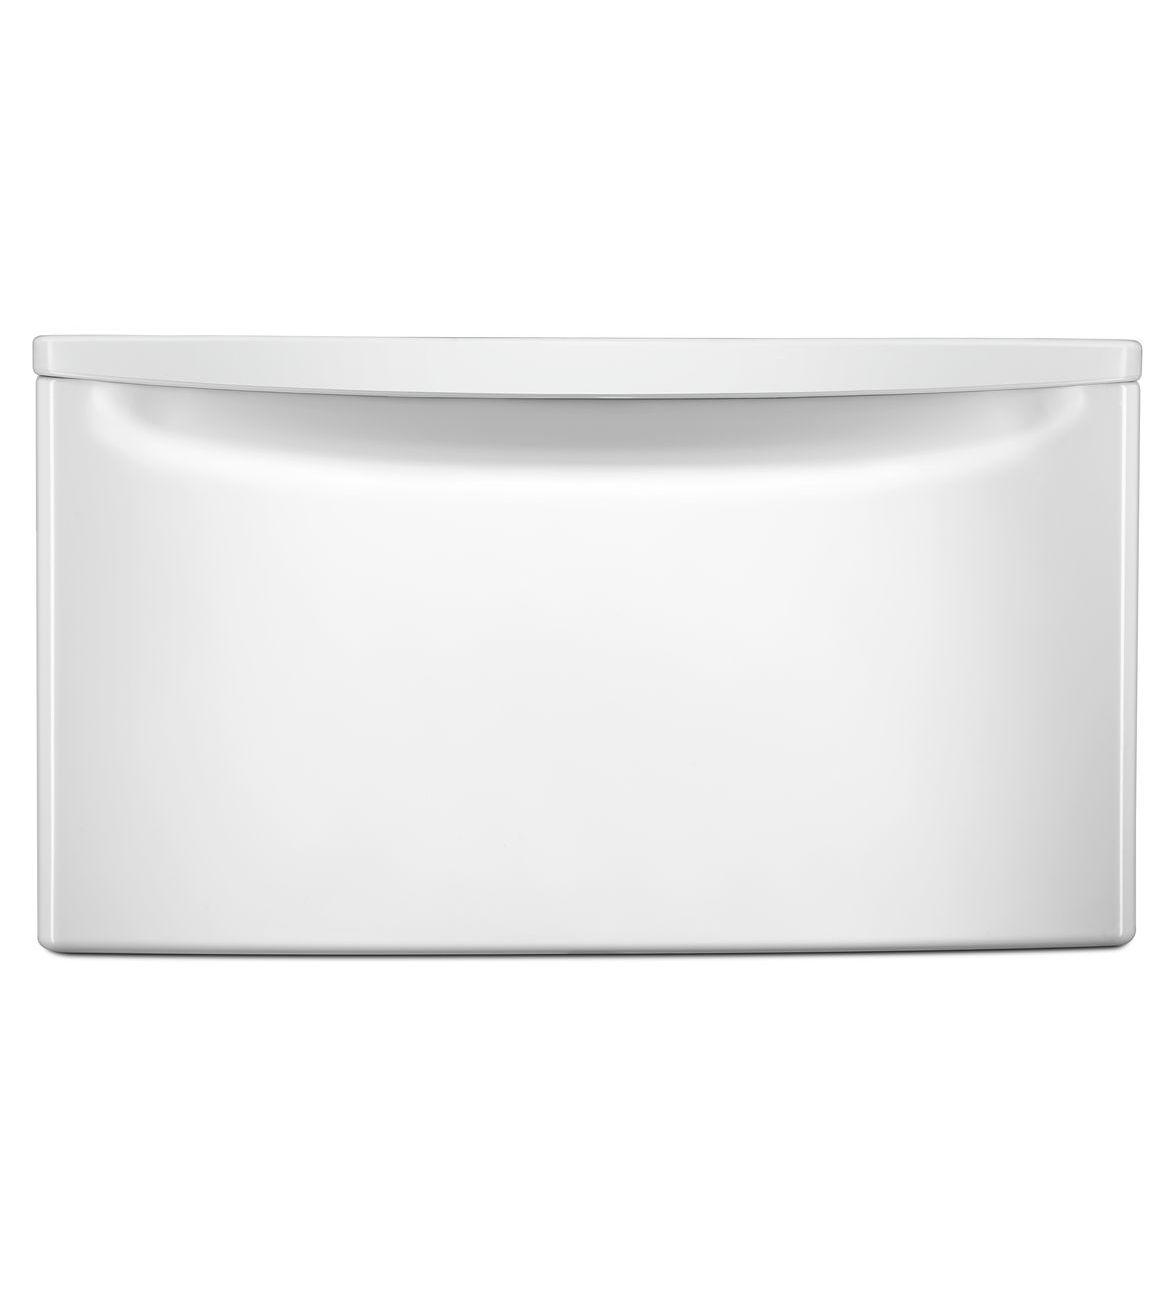 【Whirlpool 惠而浦】 XHP1000XW 滾筒洗衣機抽屜式層座 / 高度254mm